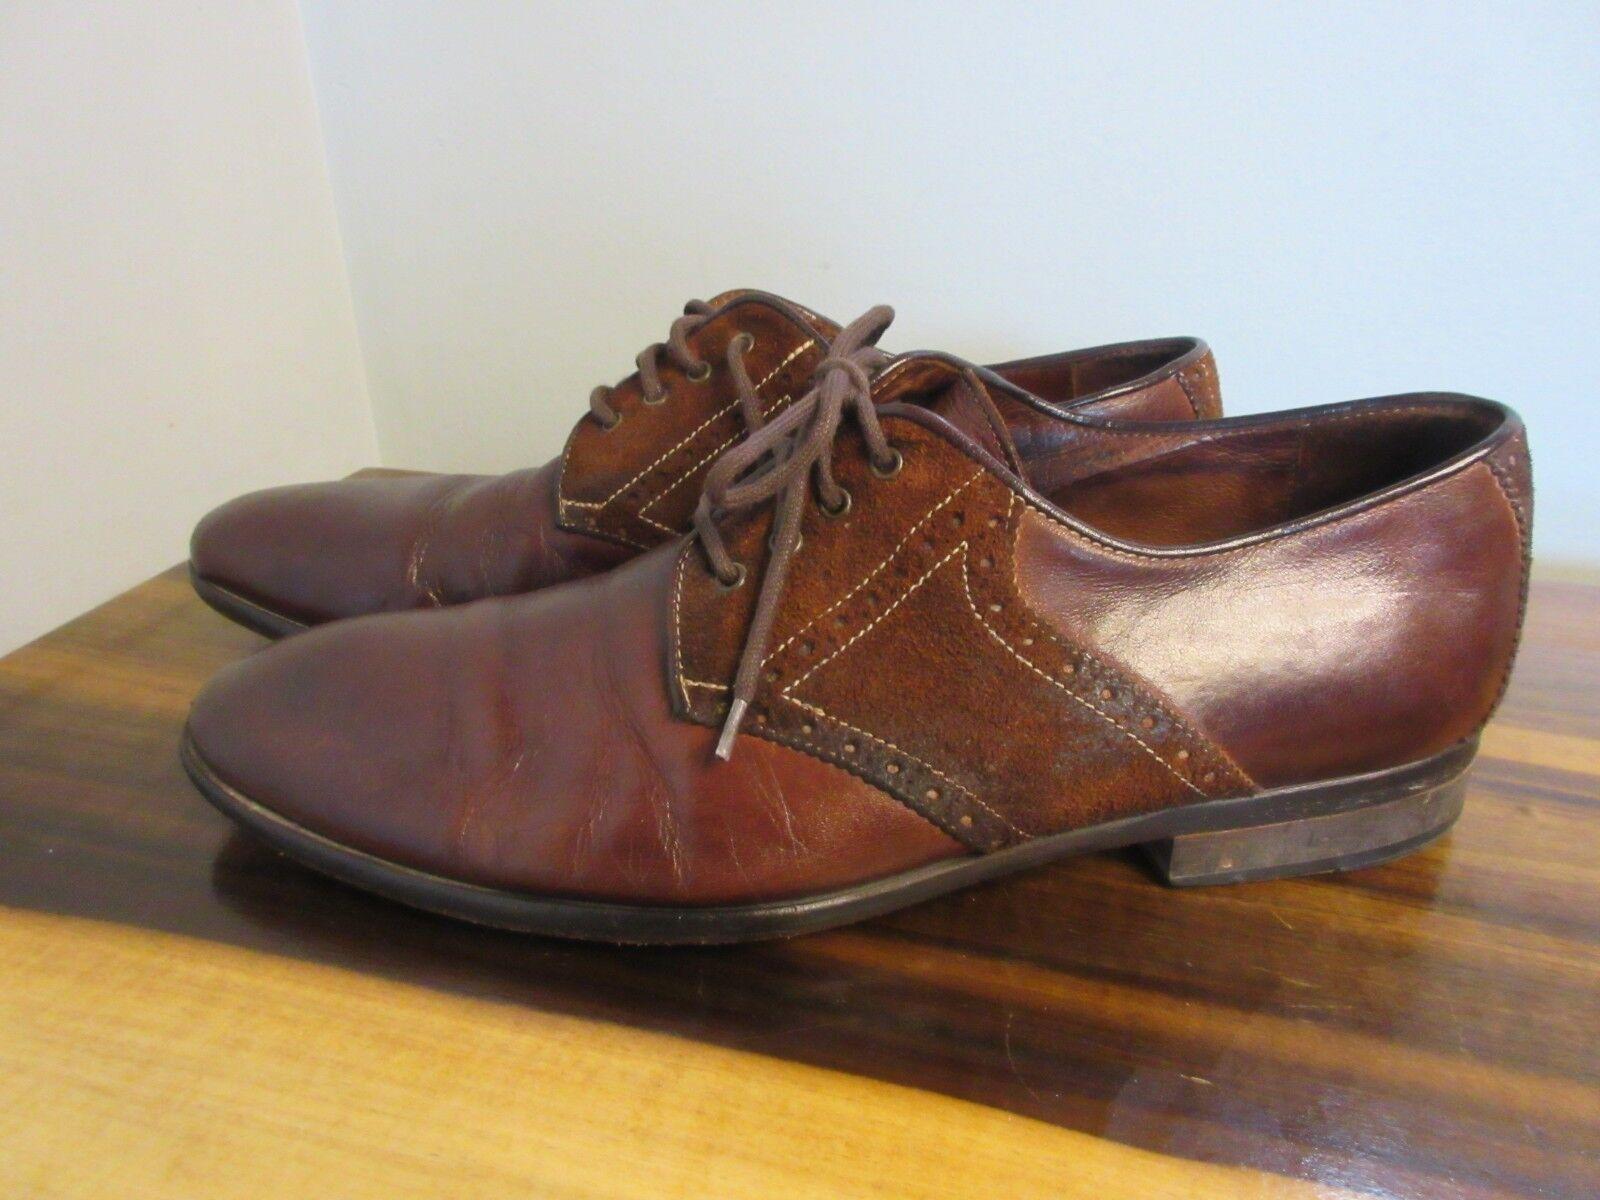 J & M 1850 Uomo Pelle Derby marrone Shoe SIze 9.5 Dress Oxford